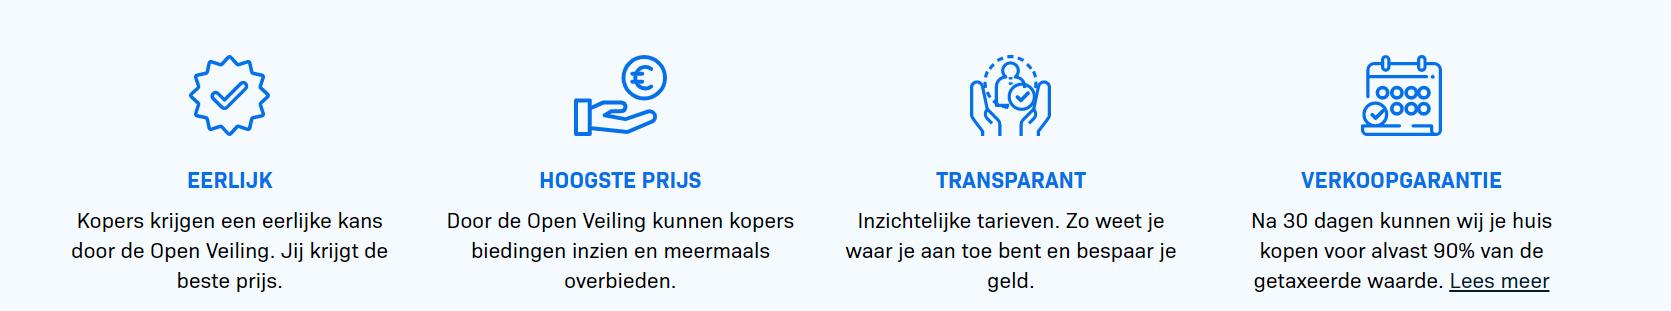 Zo werkt house.nl